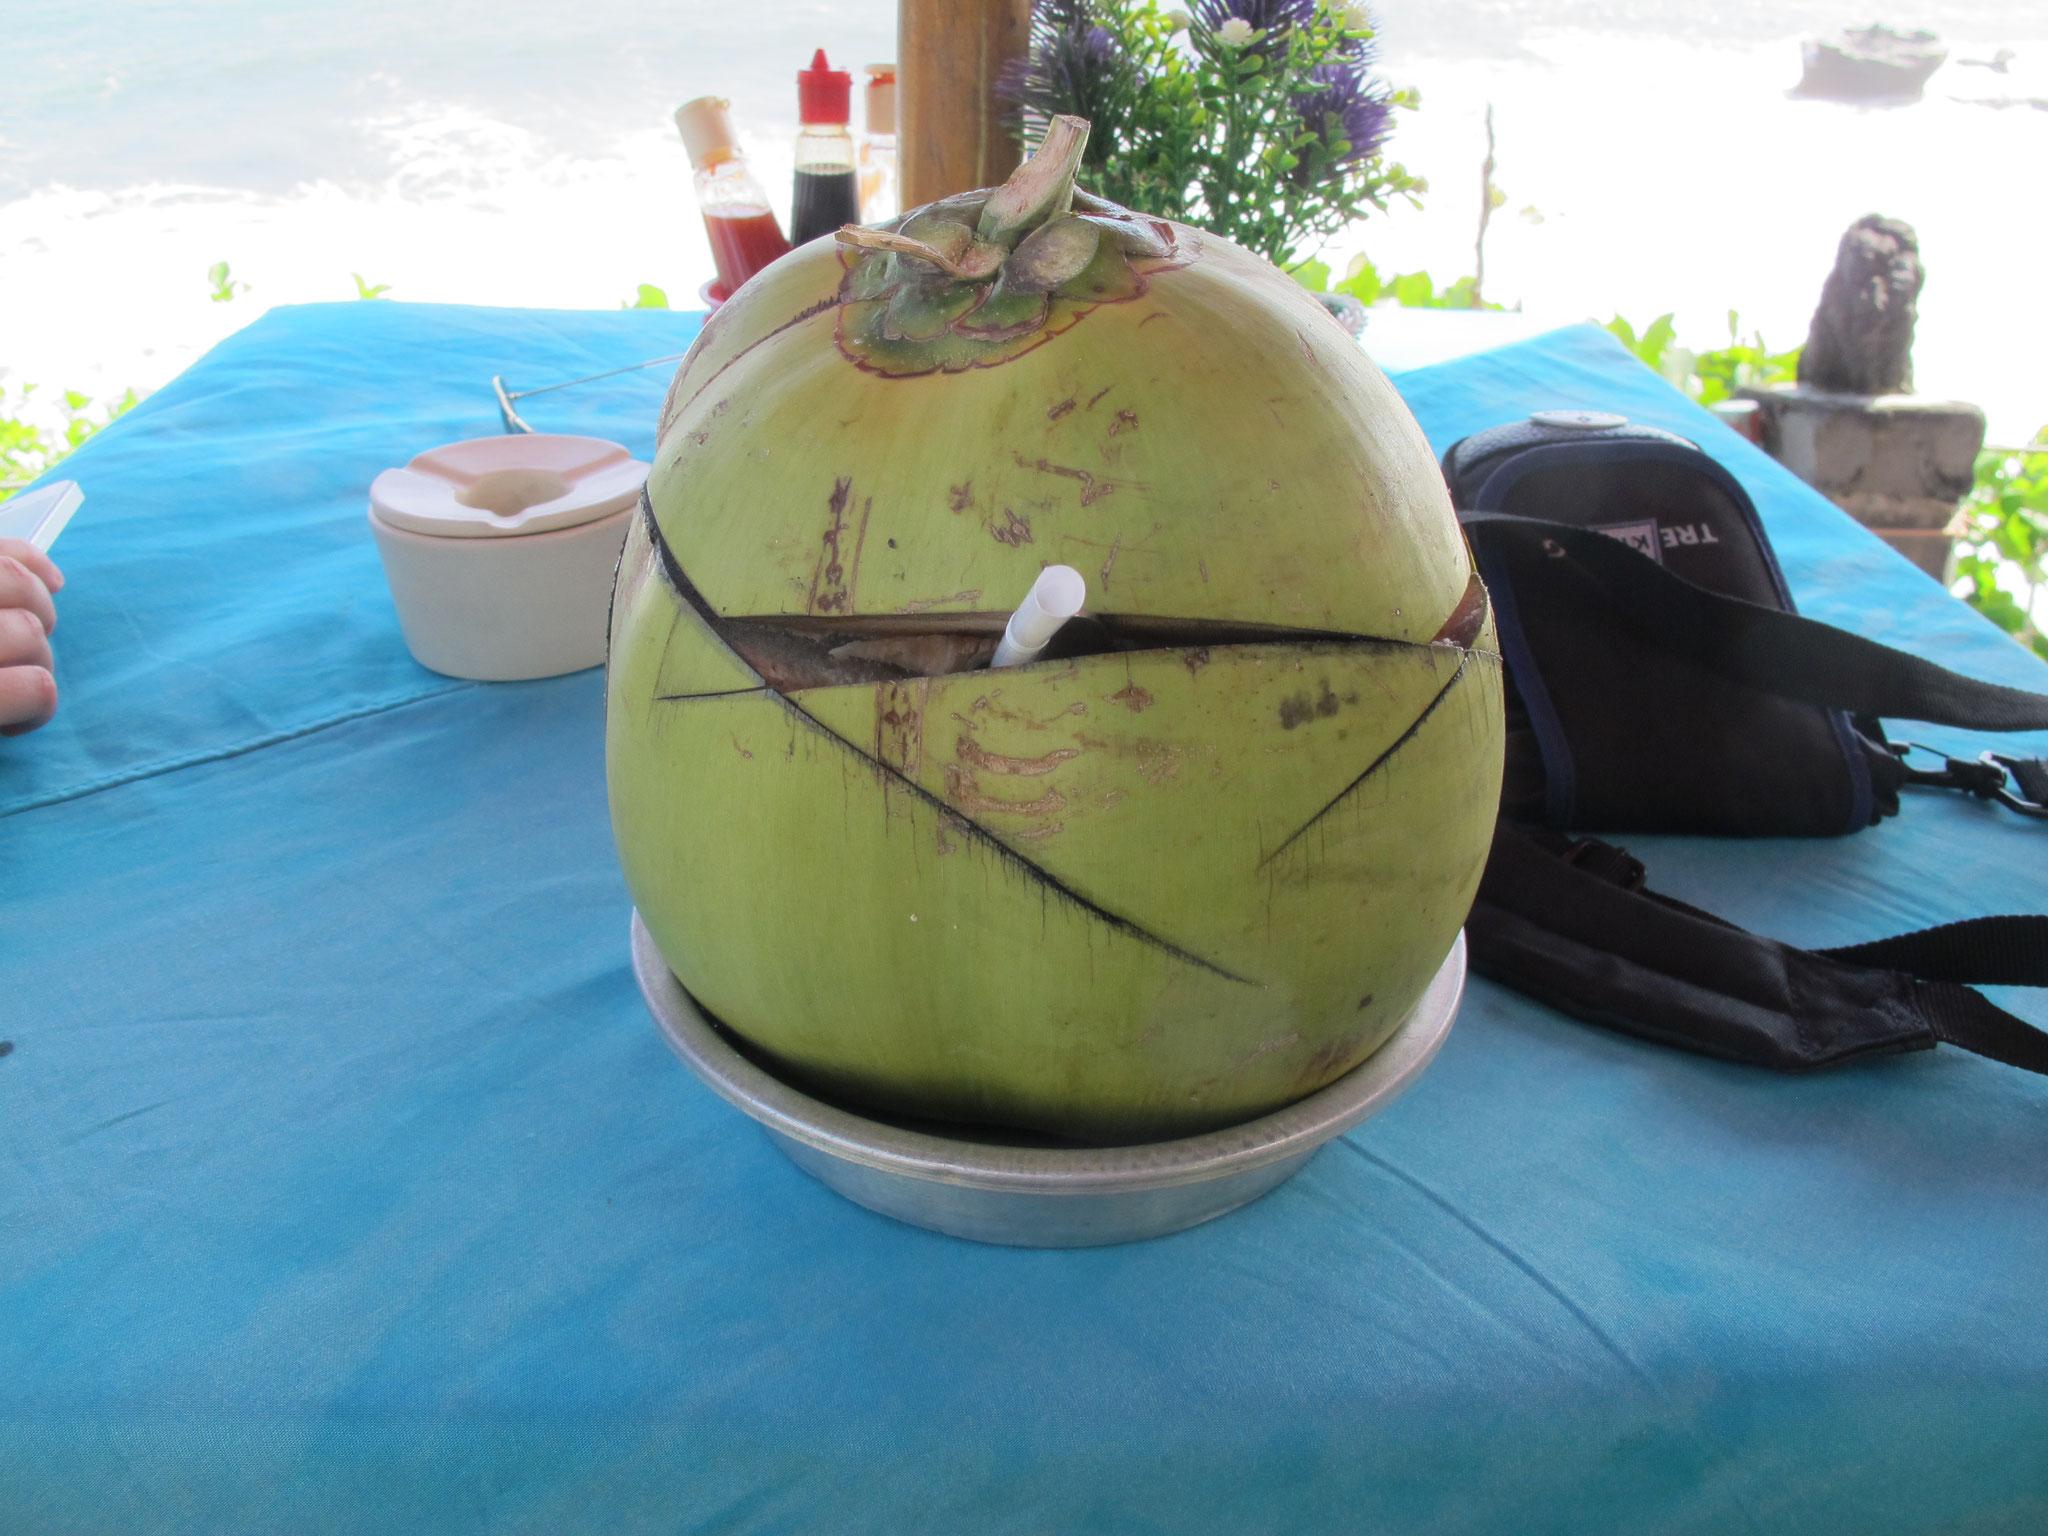 Los cocos de Malasia o Bali, una bebida fresca y abundante. Eso sí, aun no descubrimos el método para abrir un coco y eso que estuvimos casi una hora intentándolo.